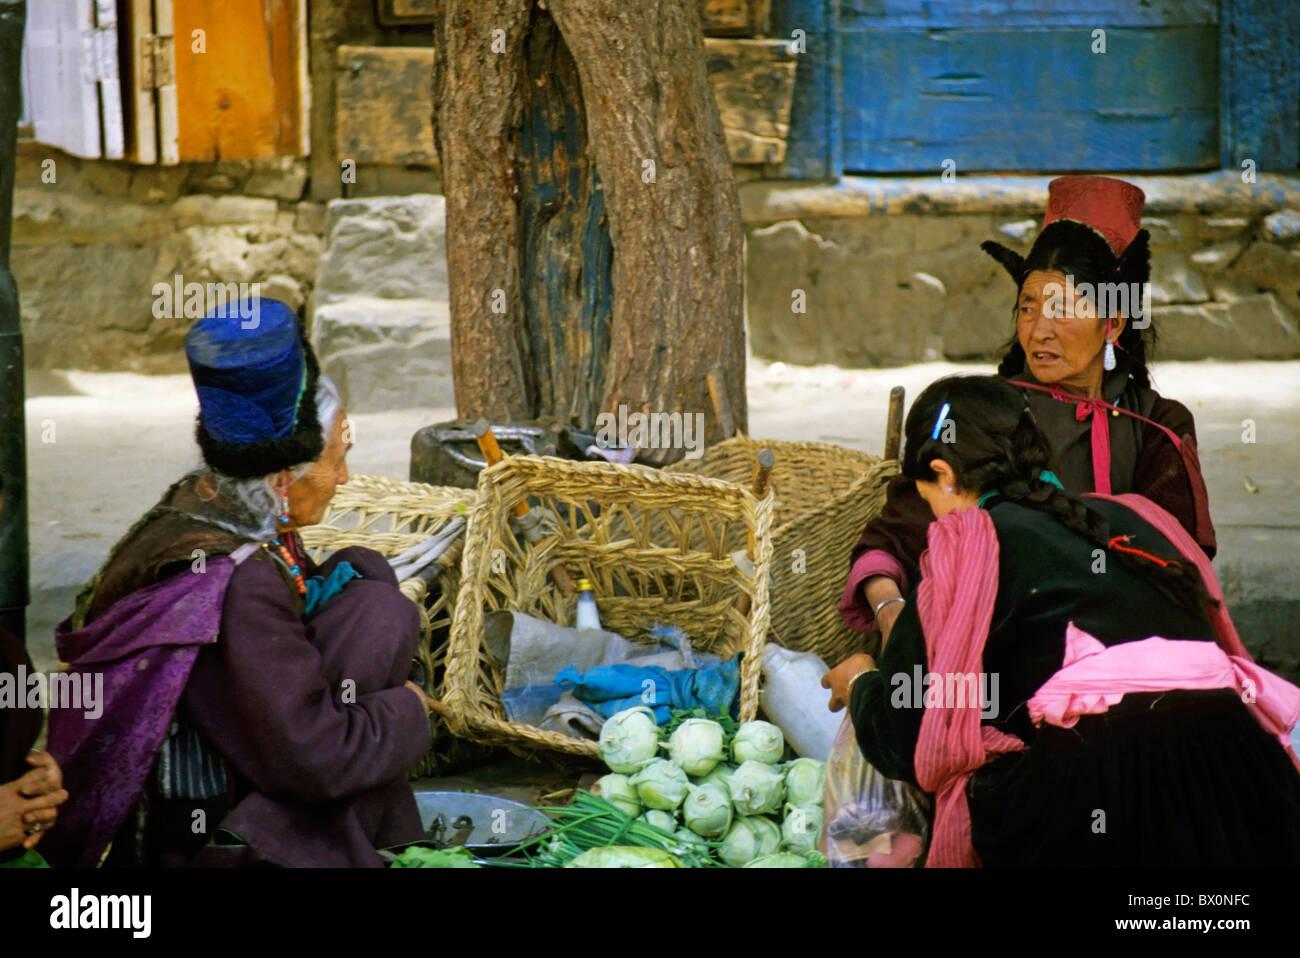 Ritratto di tre donne tibetane parlare insieme a un mercato, Ladakh, India. Immagini Stock